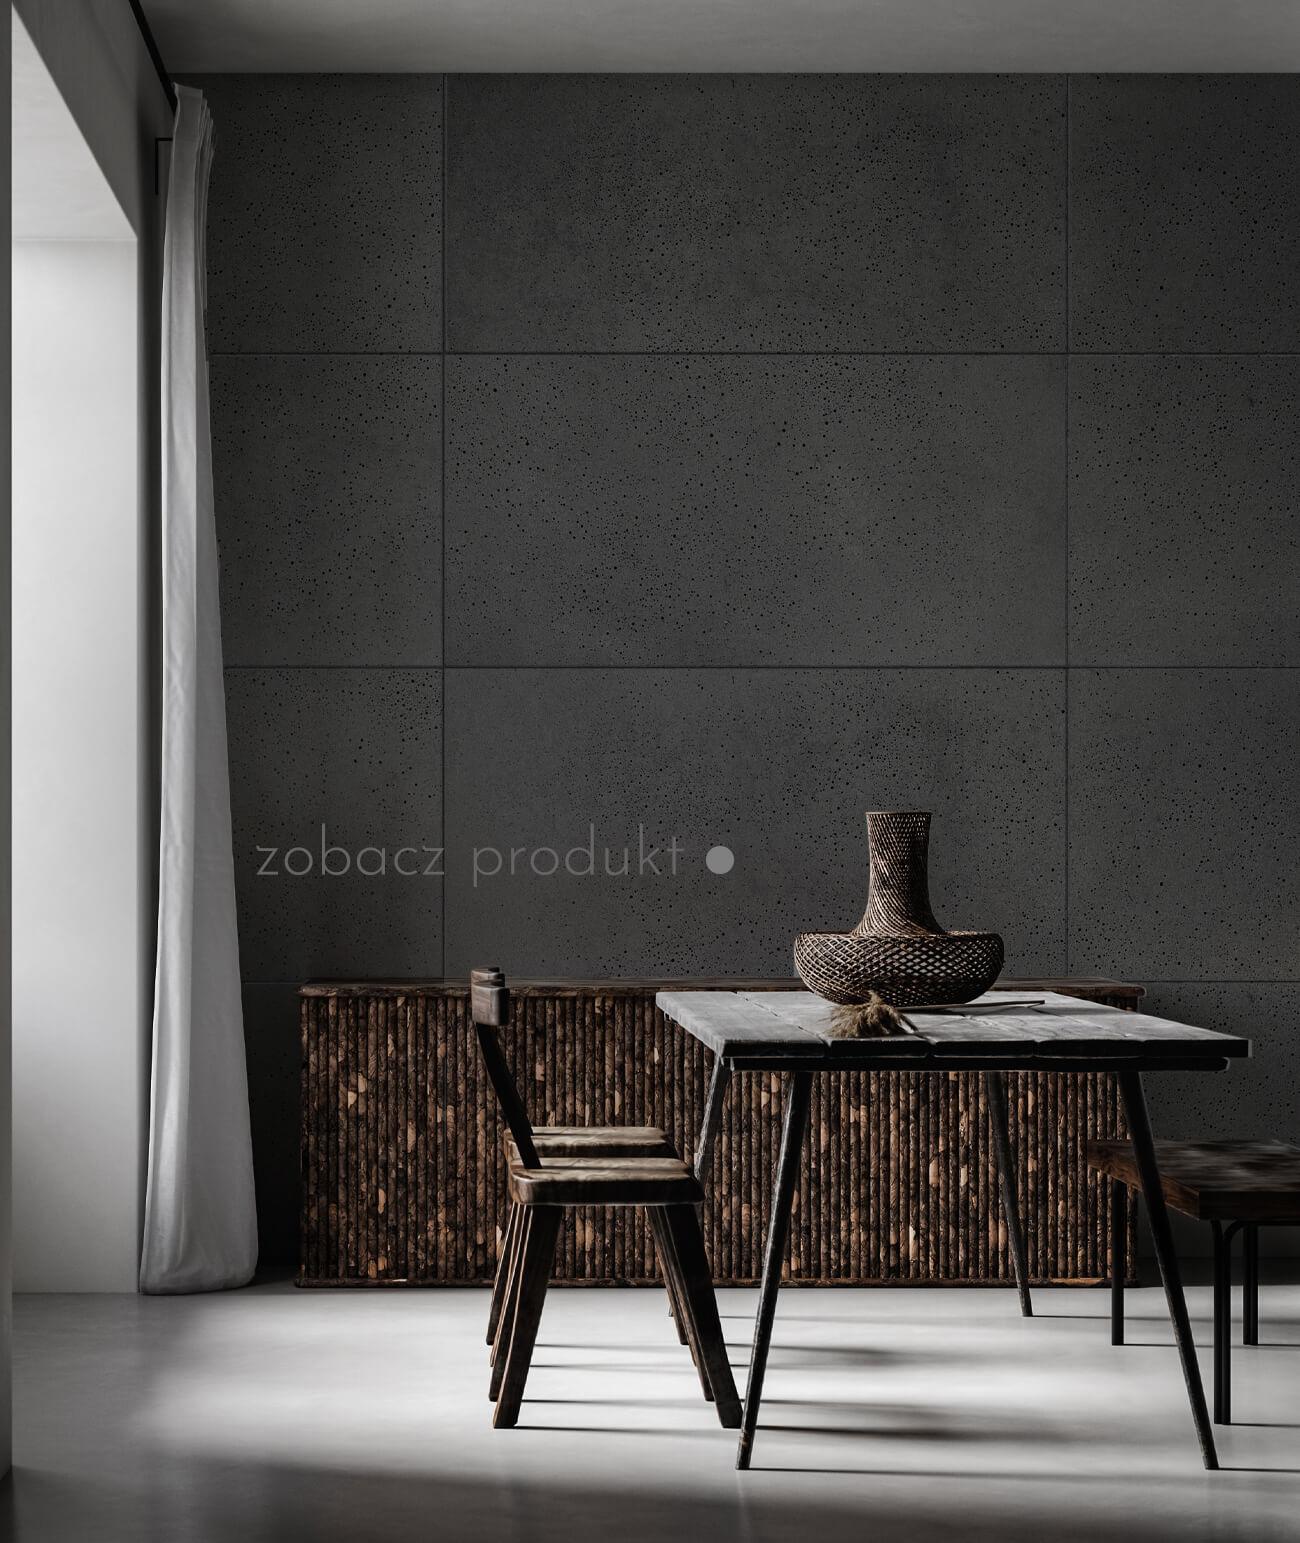 plyty-betonowe-scienne-i-elewacyjne-beton-architektoniczny_1098-23958-ds-antracyt---plyta-beton-architektoniczny-grc-rozne-wymiary-ultralekka